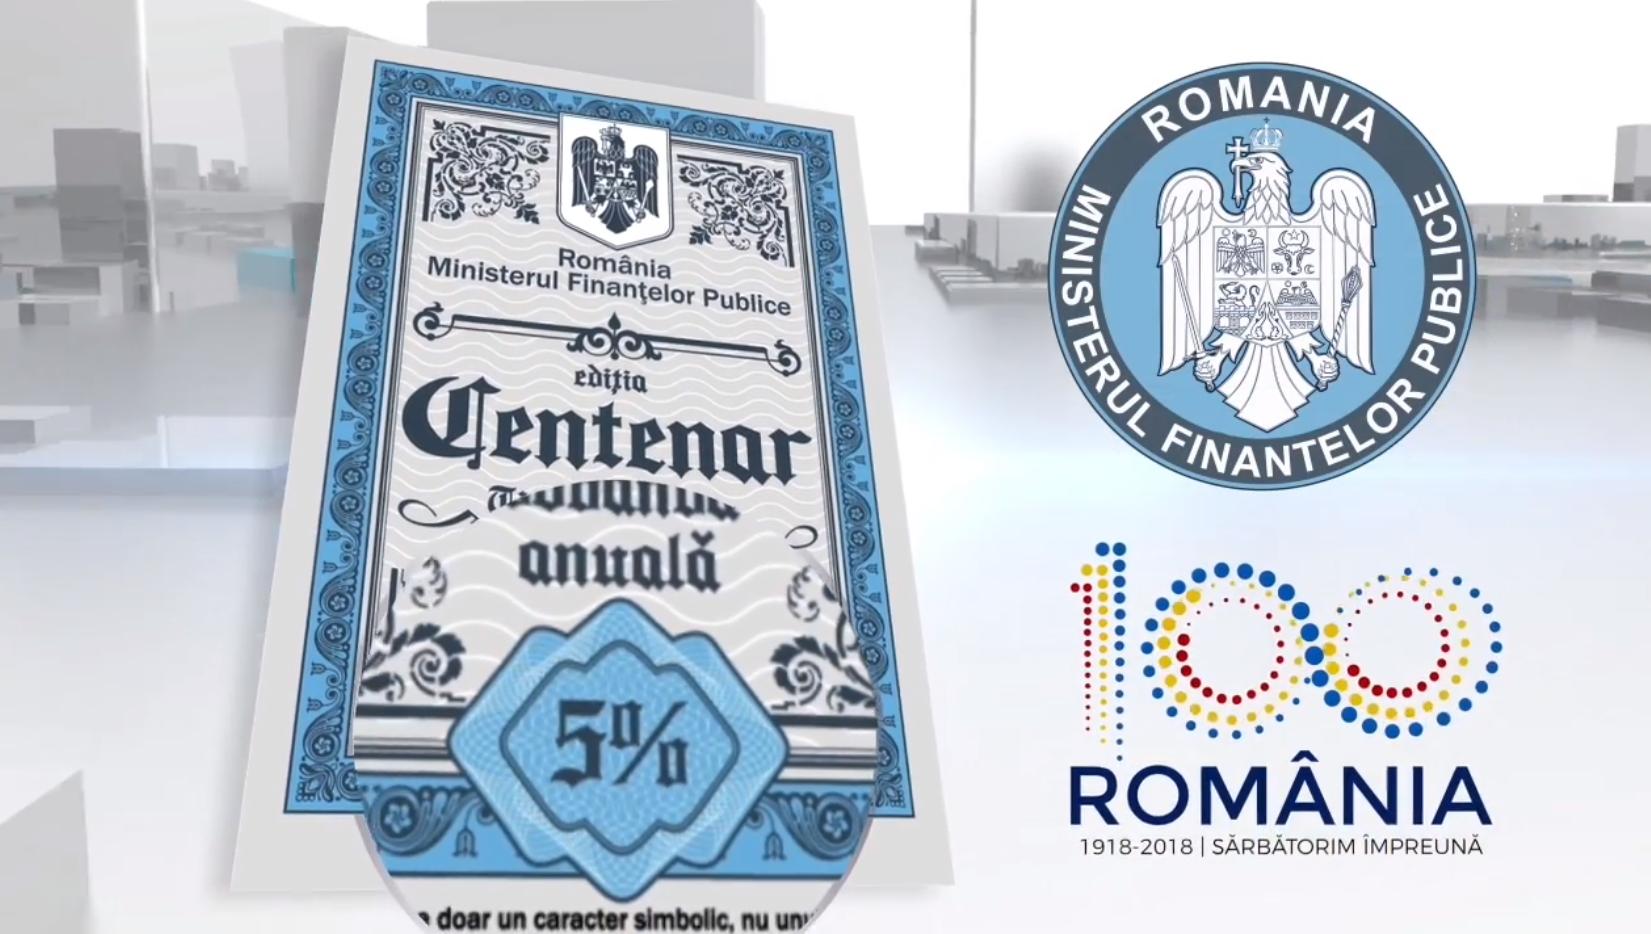 MFP: Persoanele fizice pot cumpăra titluri de stat CENTENAR cu dobândă de 4,5% și scadență la 2 ani